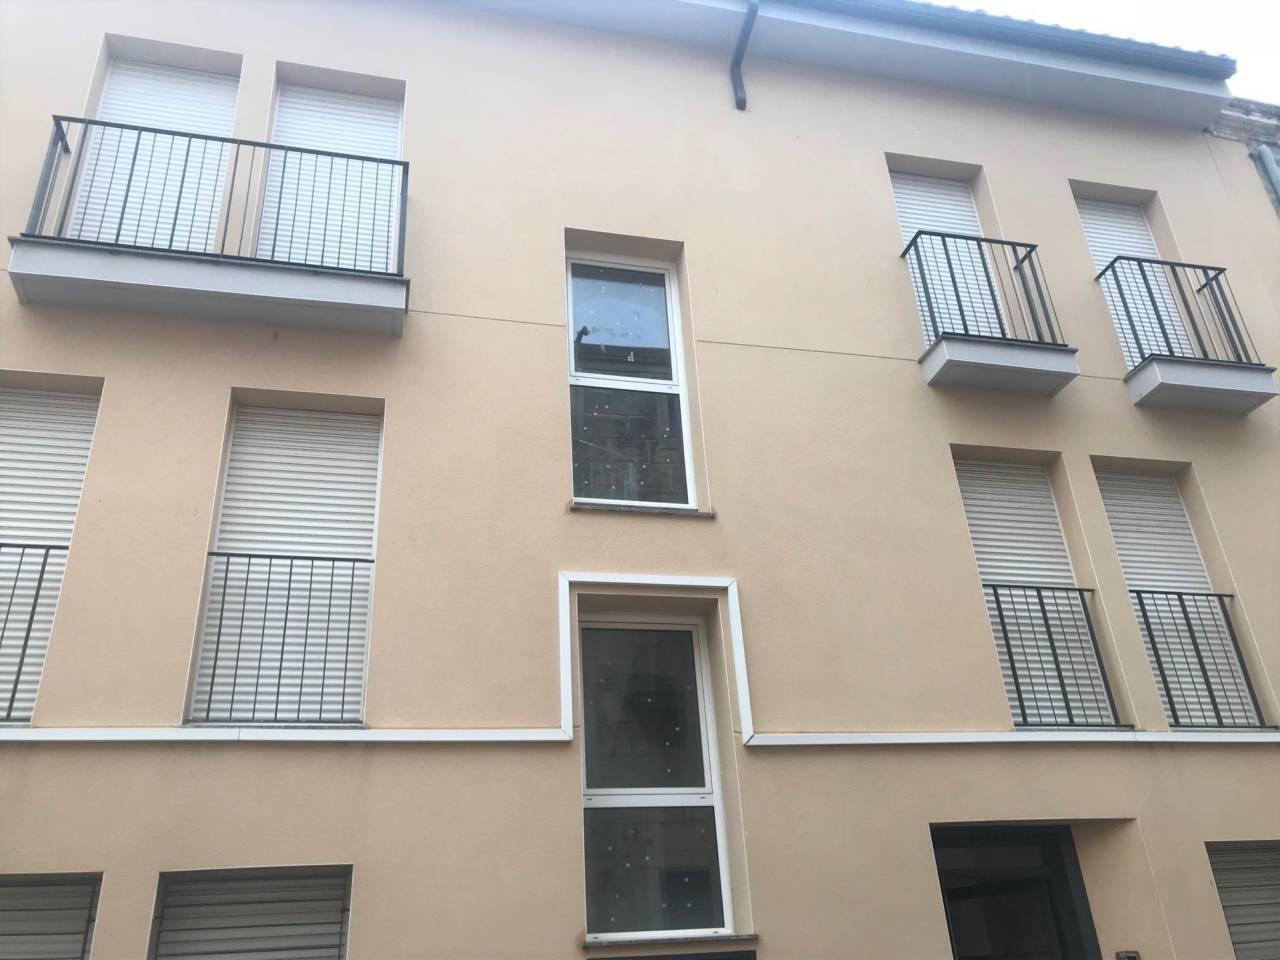 Piso  Calle major. 2 habitaciones,  1 baño, cocina, comedor, ascensor.